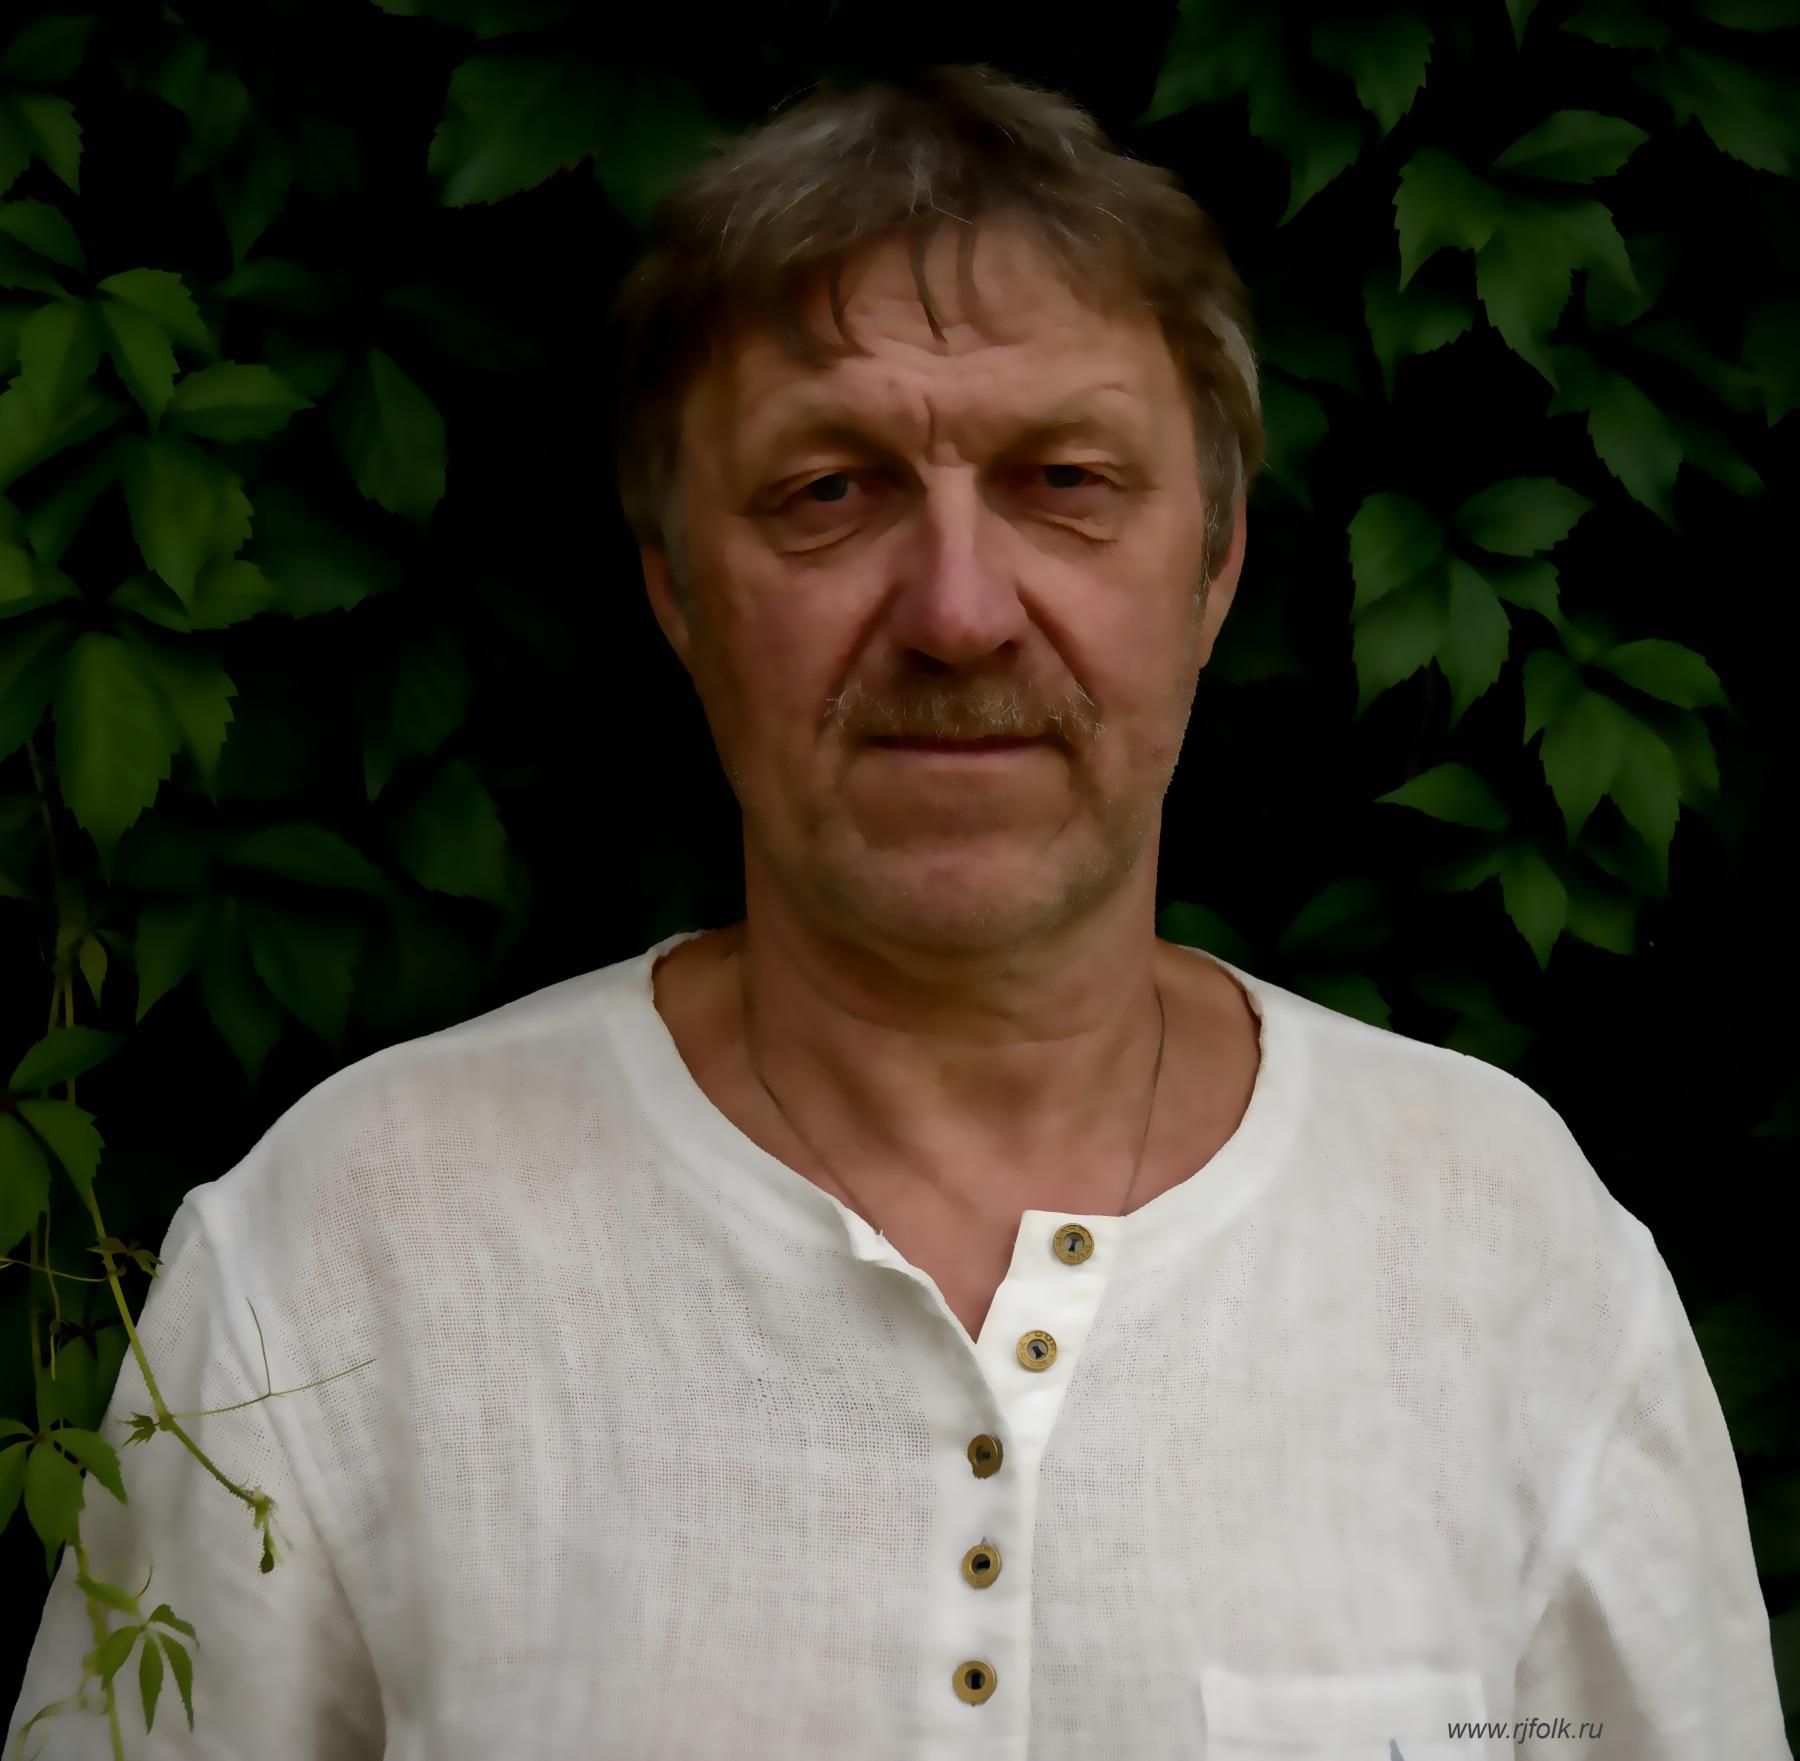 Художник: Мальков Евгений Владимирович